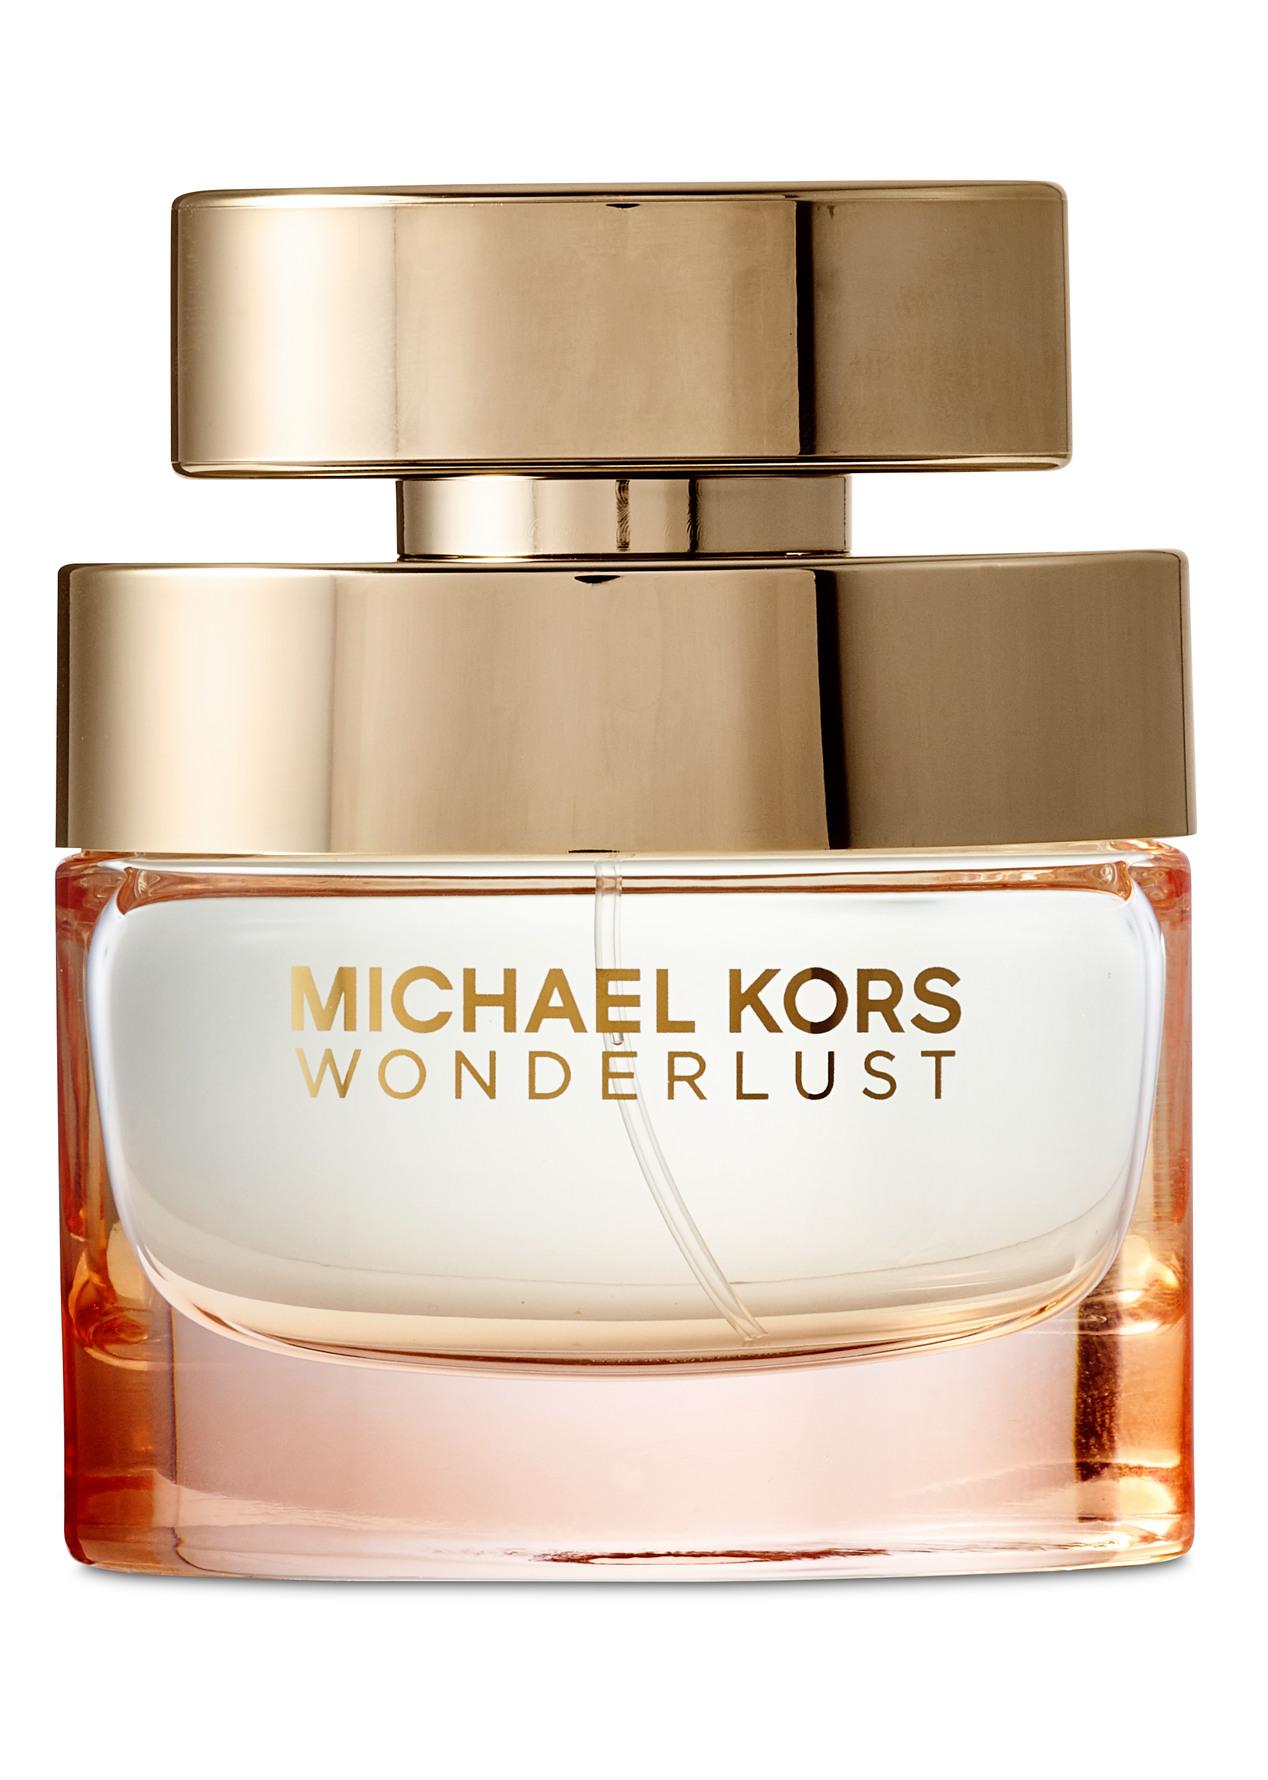 868793c1 Michael Kors Wonderlust Eau de Parfum 50 ml